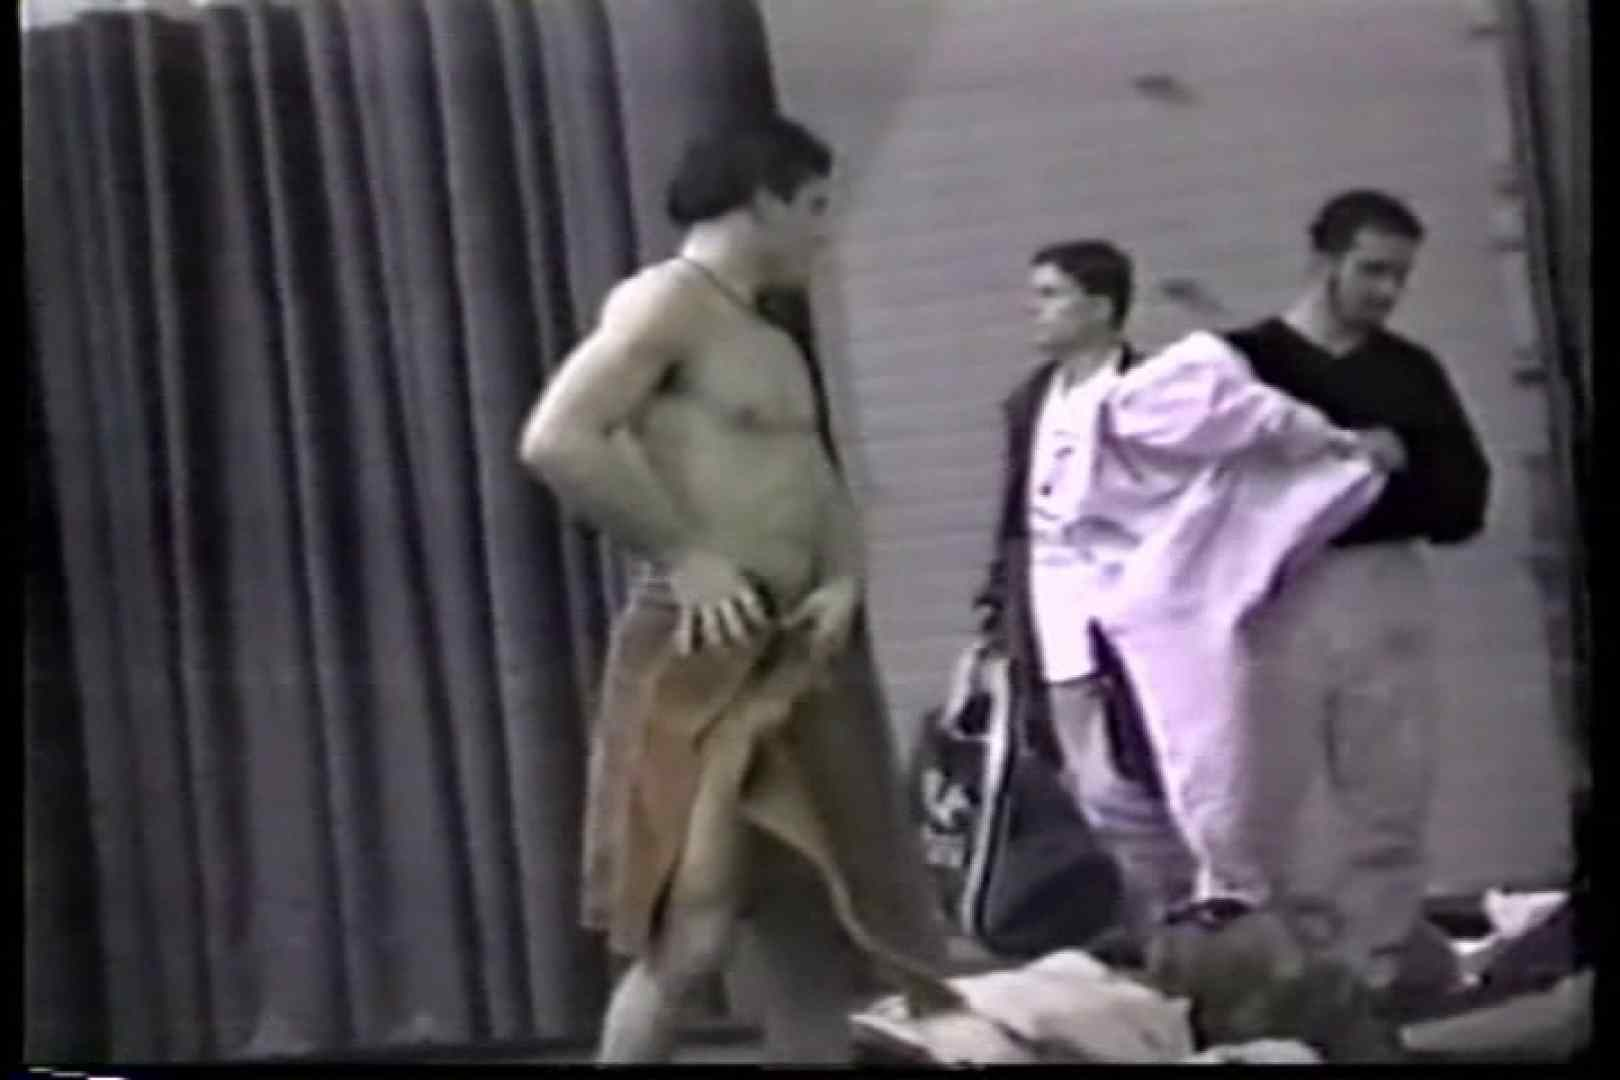 洋人さんの脱衣所を覗いてみました。VOL.5 ボーイズ覗き | ガチムチマッチョ系  80pic 12